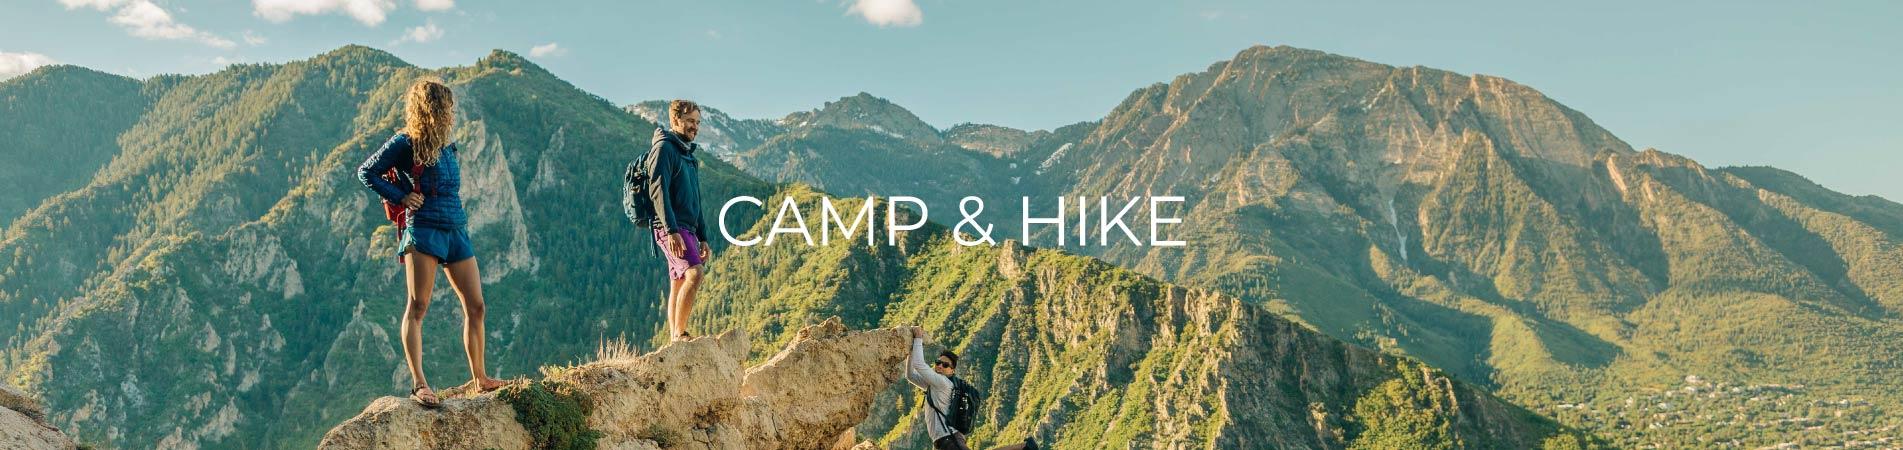 camp-hike.jpg